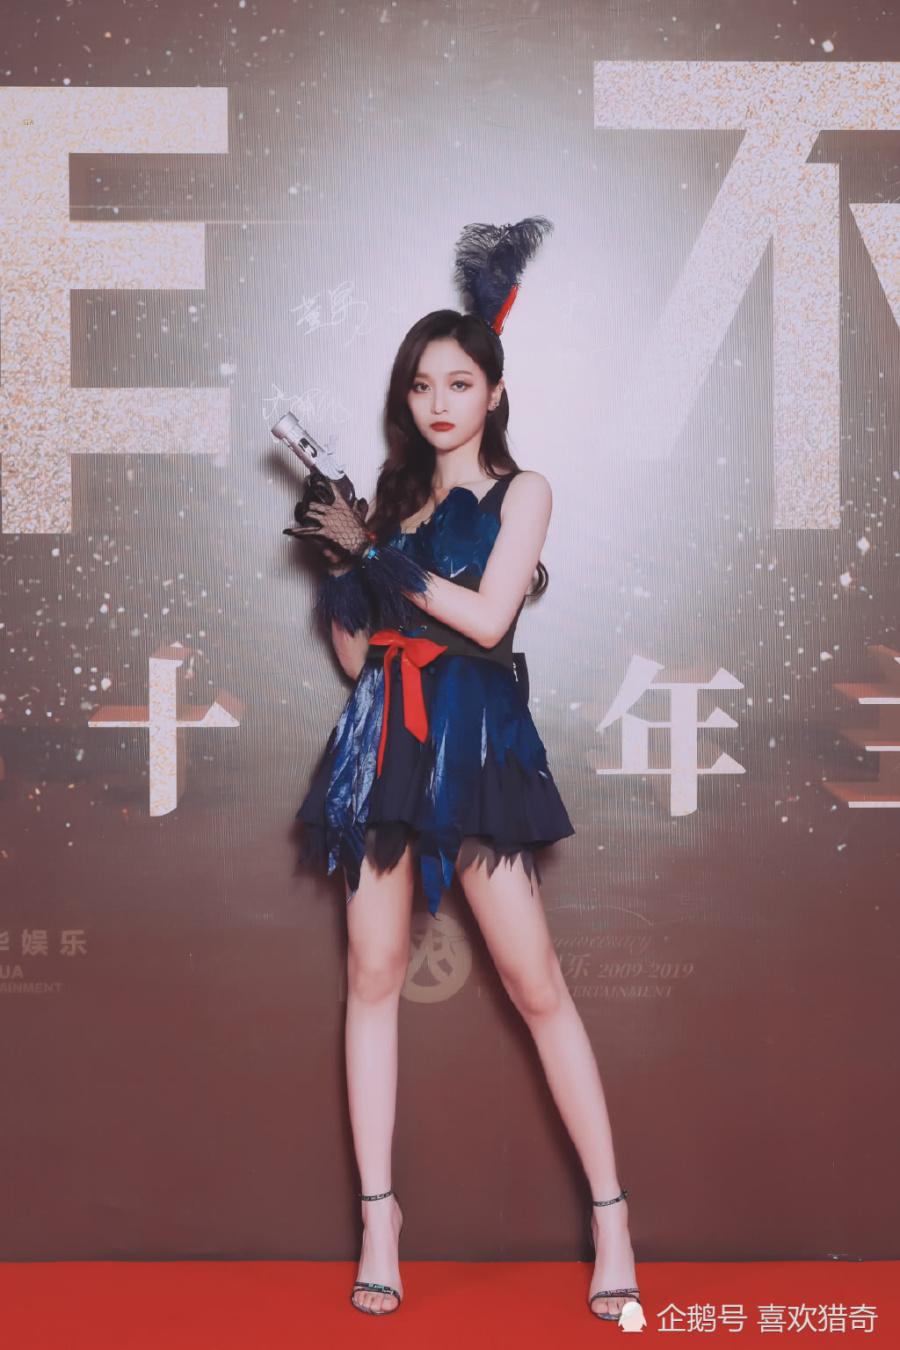 吳宣儀cos黑天鵝,看到她10cm短裙下的腿,網友:太嚇人了 【喜歡獵奇】